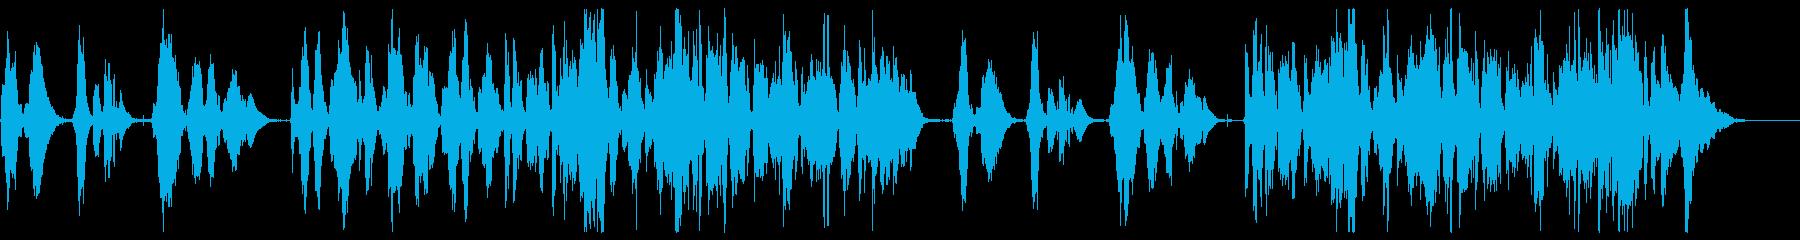 アコーディオンで奏でるロマンチックワルツの再生済みの波形